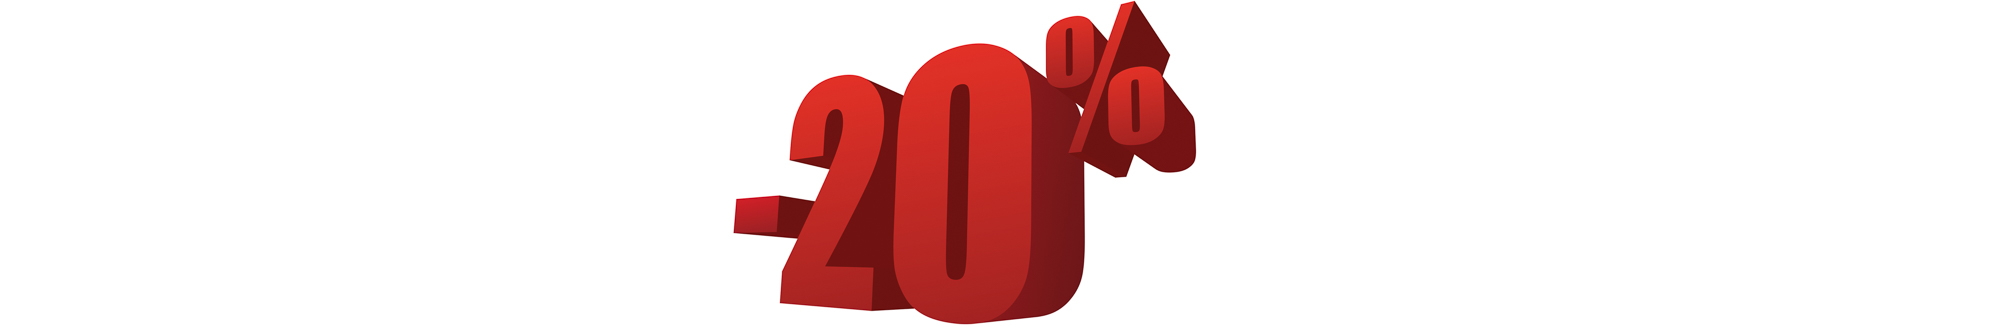 20 % OFF SALE